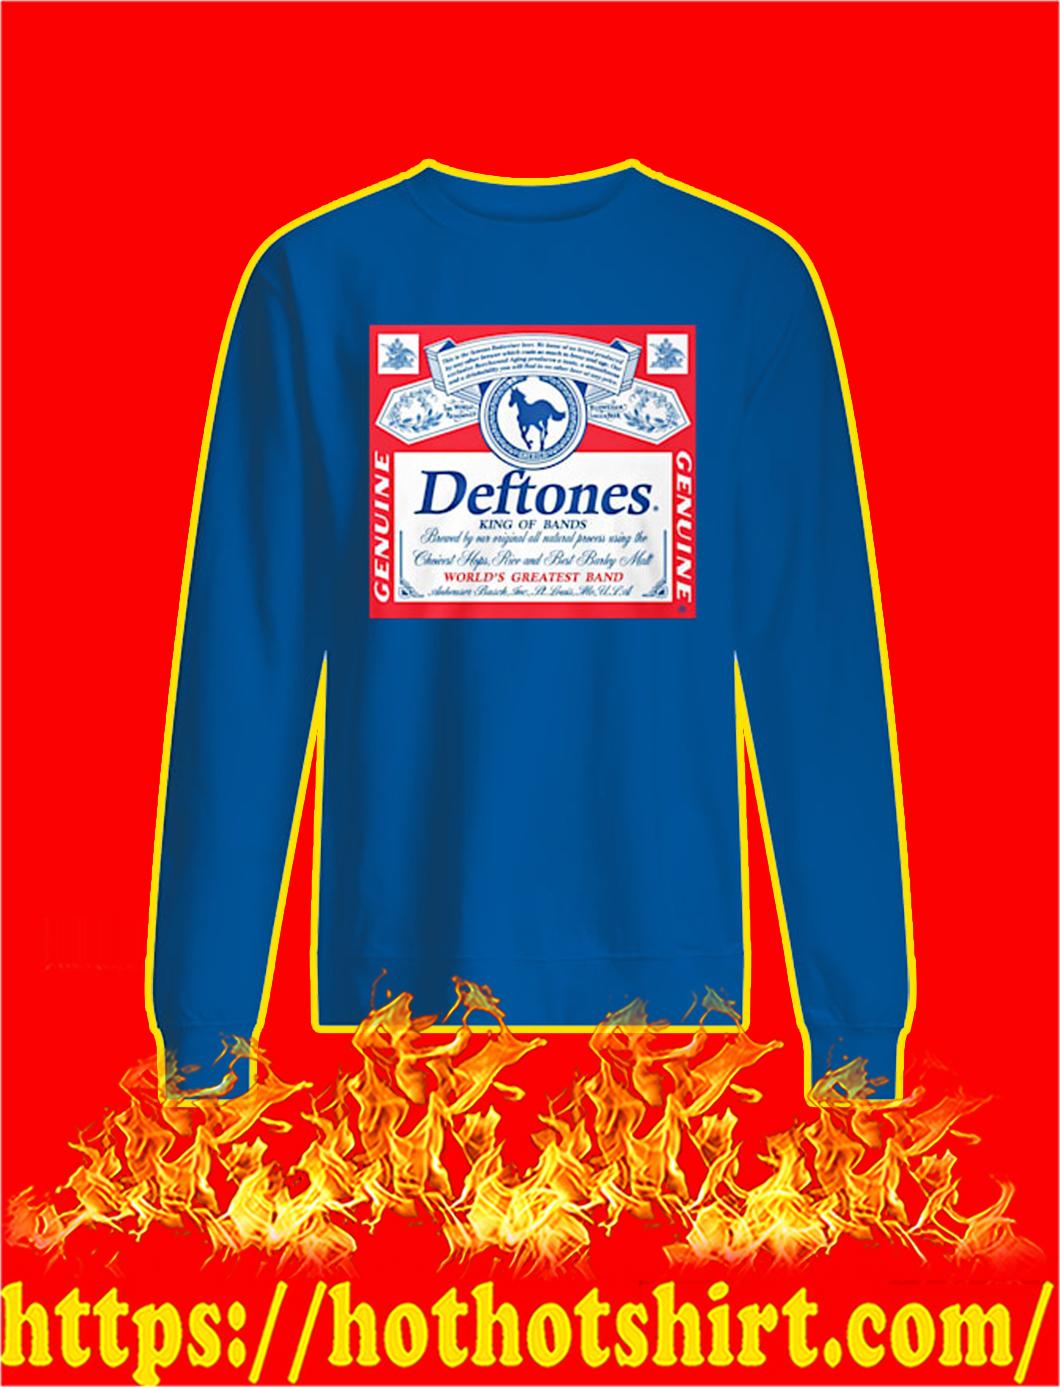 Deftones King Of Bands sweatshirt